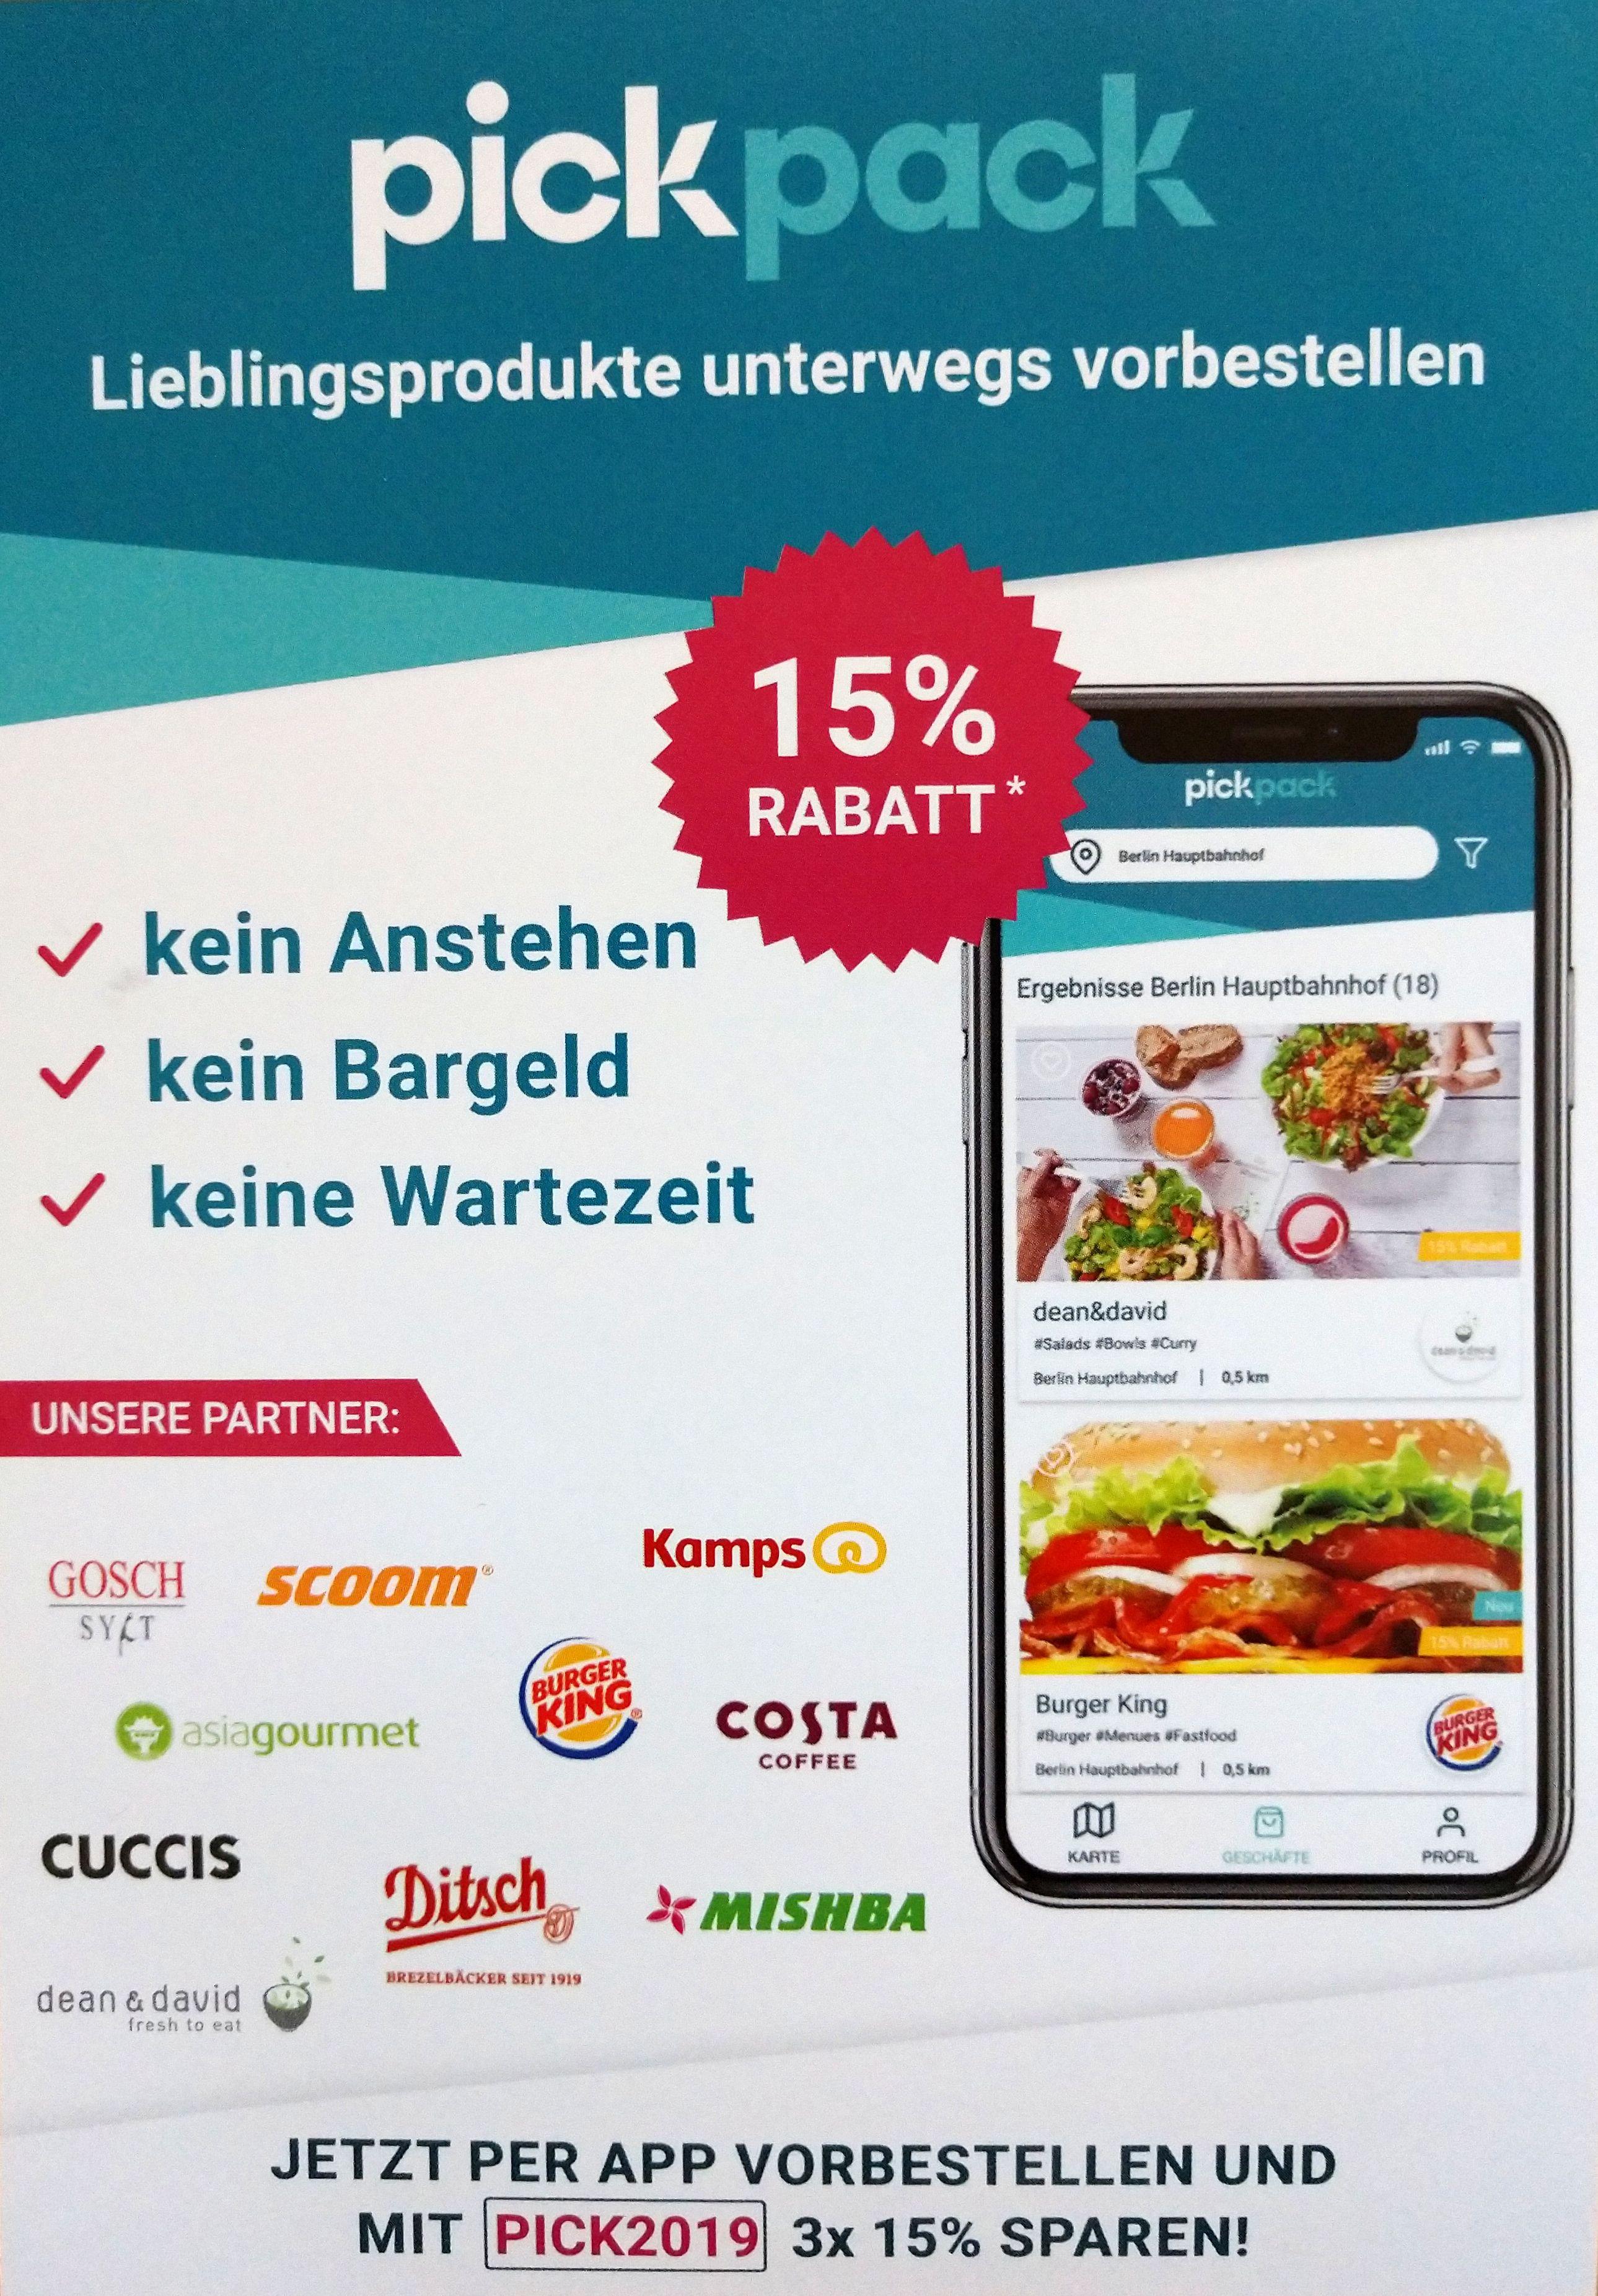 [Berlin] 3x 15% Rabatt auf Essens-Vorbestellungen über pickpack (Neukunden)